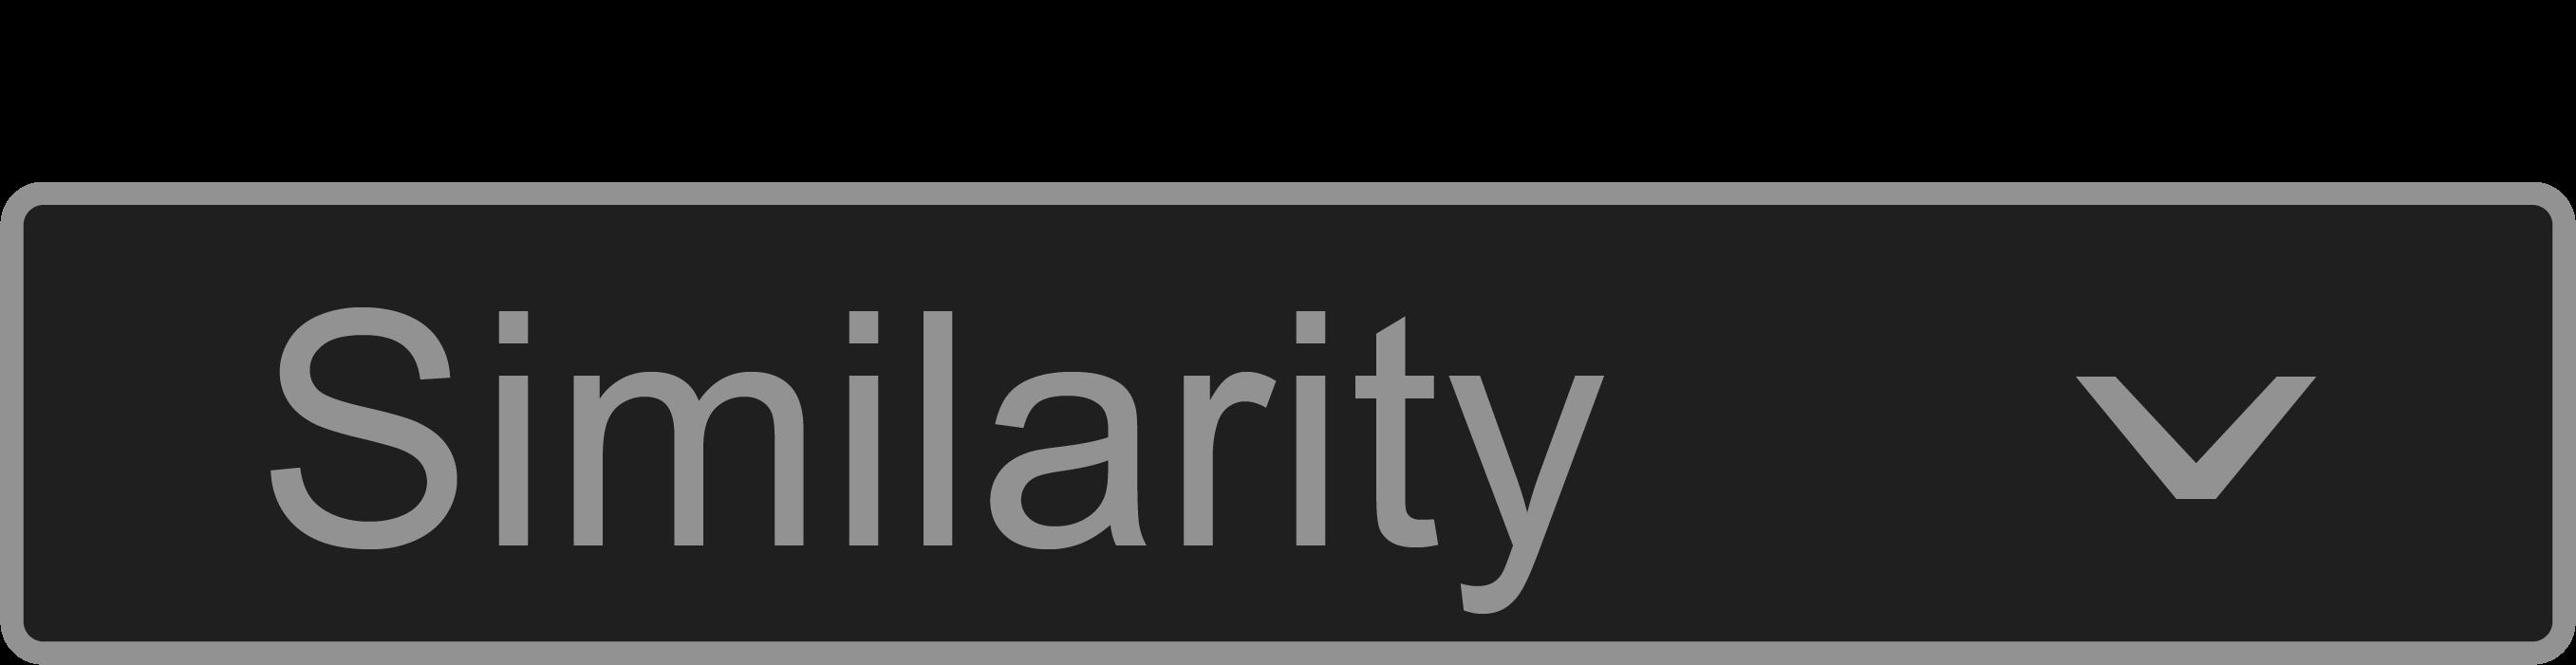 Knop voor de modus similarity bij het stabiliseren van videobeelden met BlackMagic Design DaVinci Resolve.